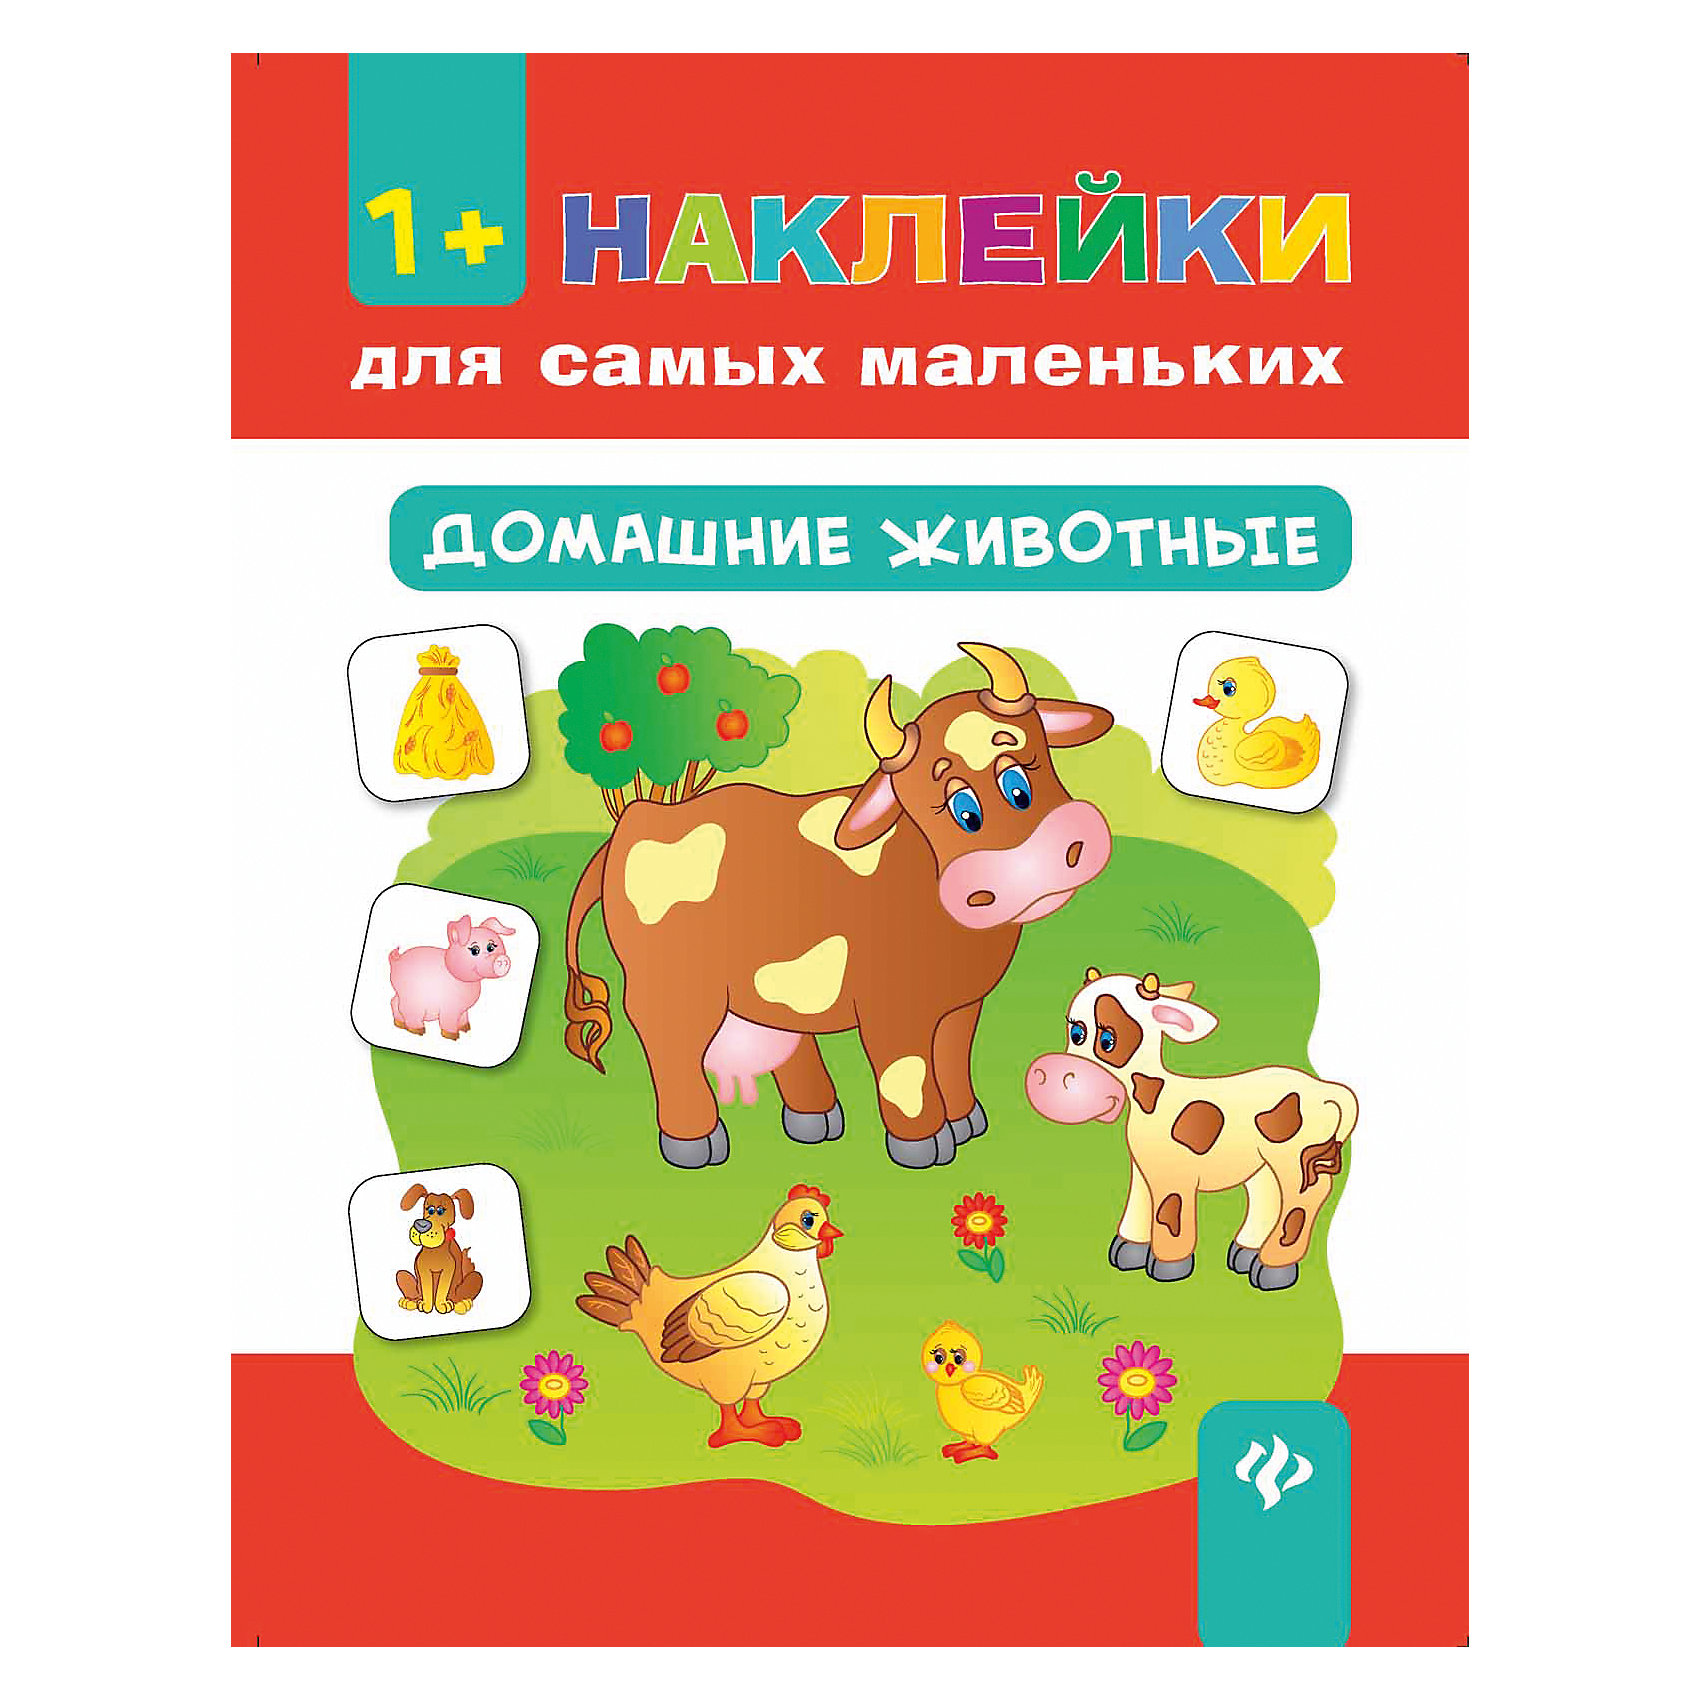 Домашние животныеКнижки с наклейками<br>Книги серии «Наклейки для самых маленьких» дают малышам возможность не только развивать мелкую моторику рук, но ещё и познакомиться с базовыми понятиями (большой — маленький, один — много, высокий — низкий и другие), основными геометрическими фигурами, н<br><br>Ширина мм: 260<br>Глубина мм: 198<br>Высота мм: 2<br>Вес г: 60<br>Возраст от месяцев: 12<br>Возраст до месяцев: 72<br>Пол: Унисекс<br>Возраст: Детский<br>SKU: 5120146